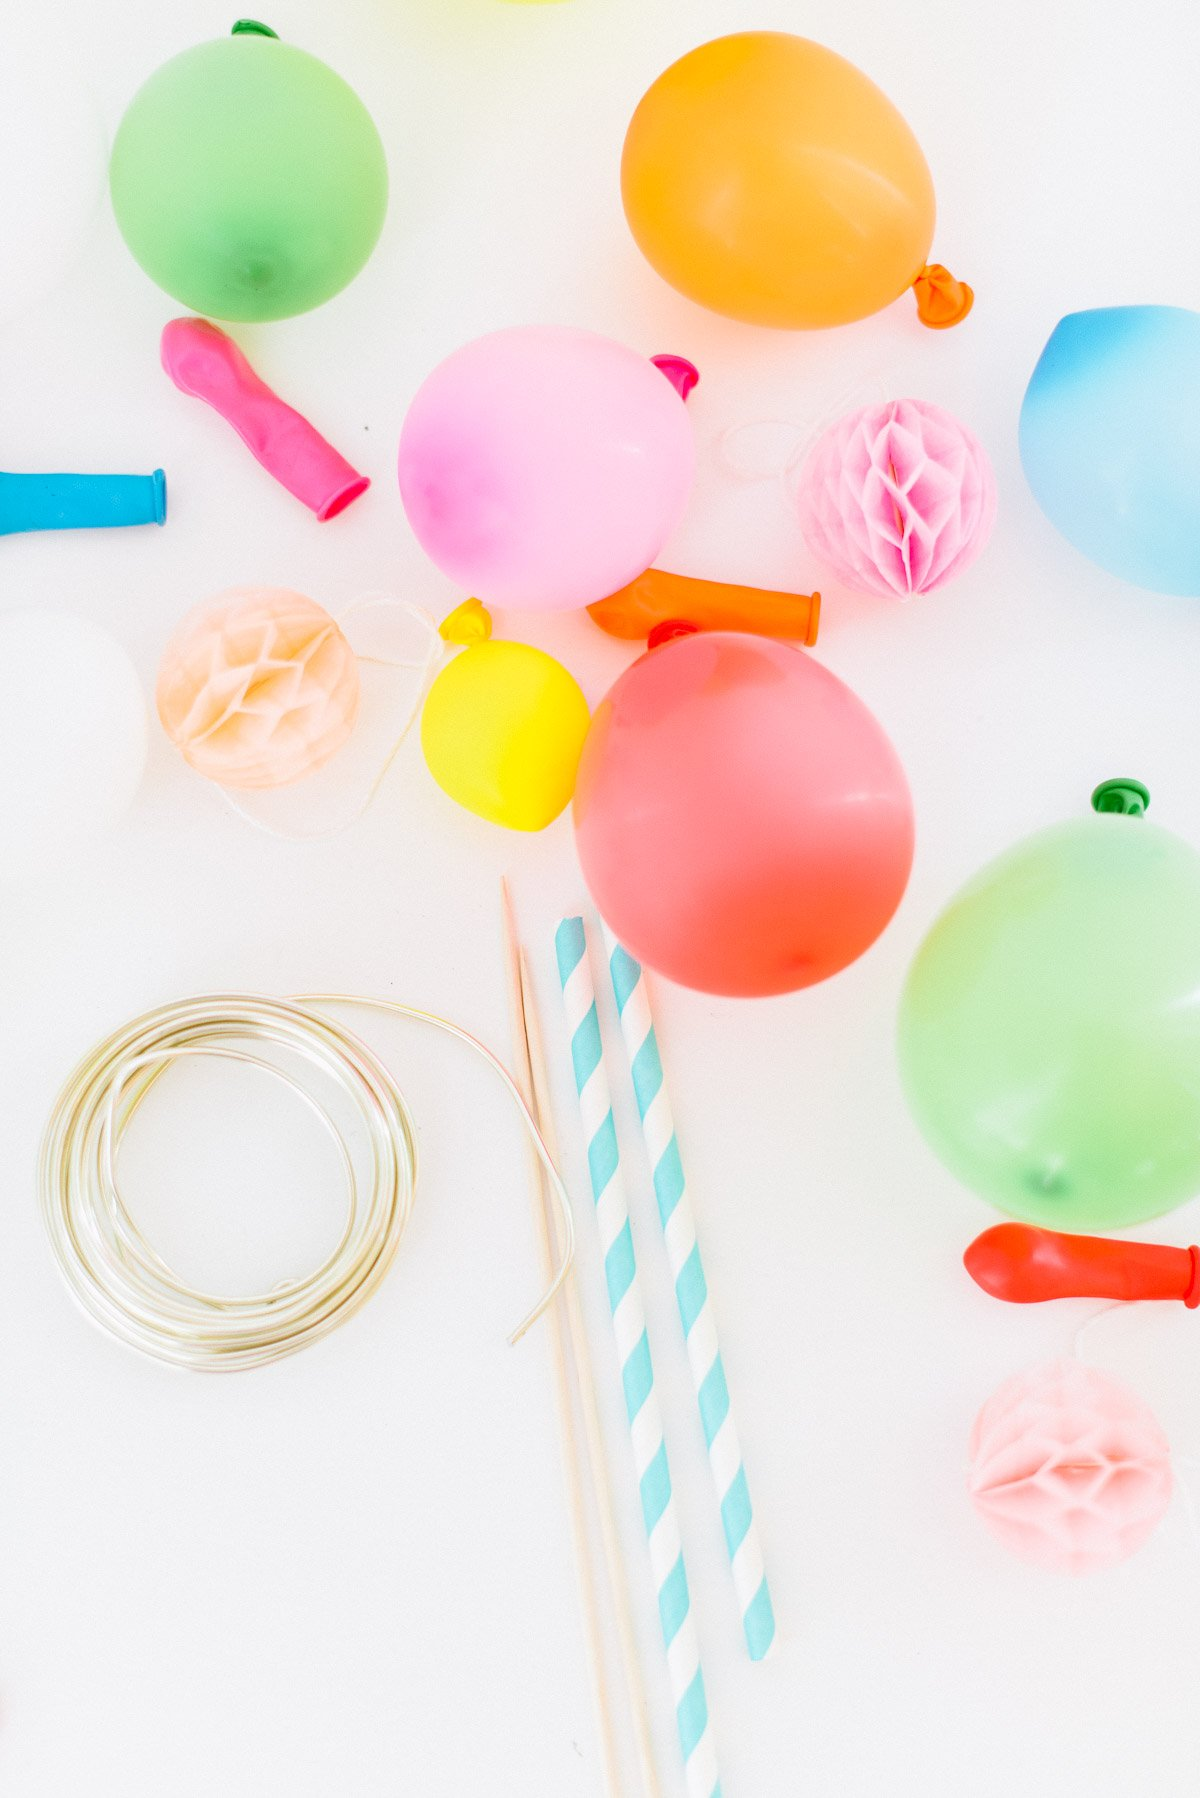 Einkaufsliste für die Mini Ballongirlande